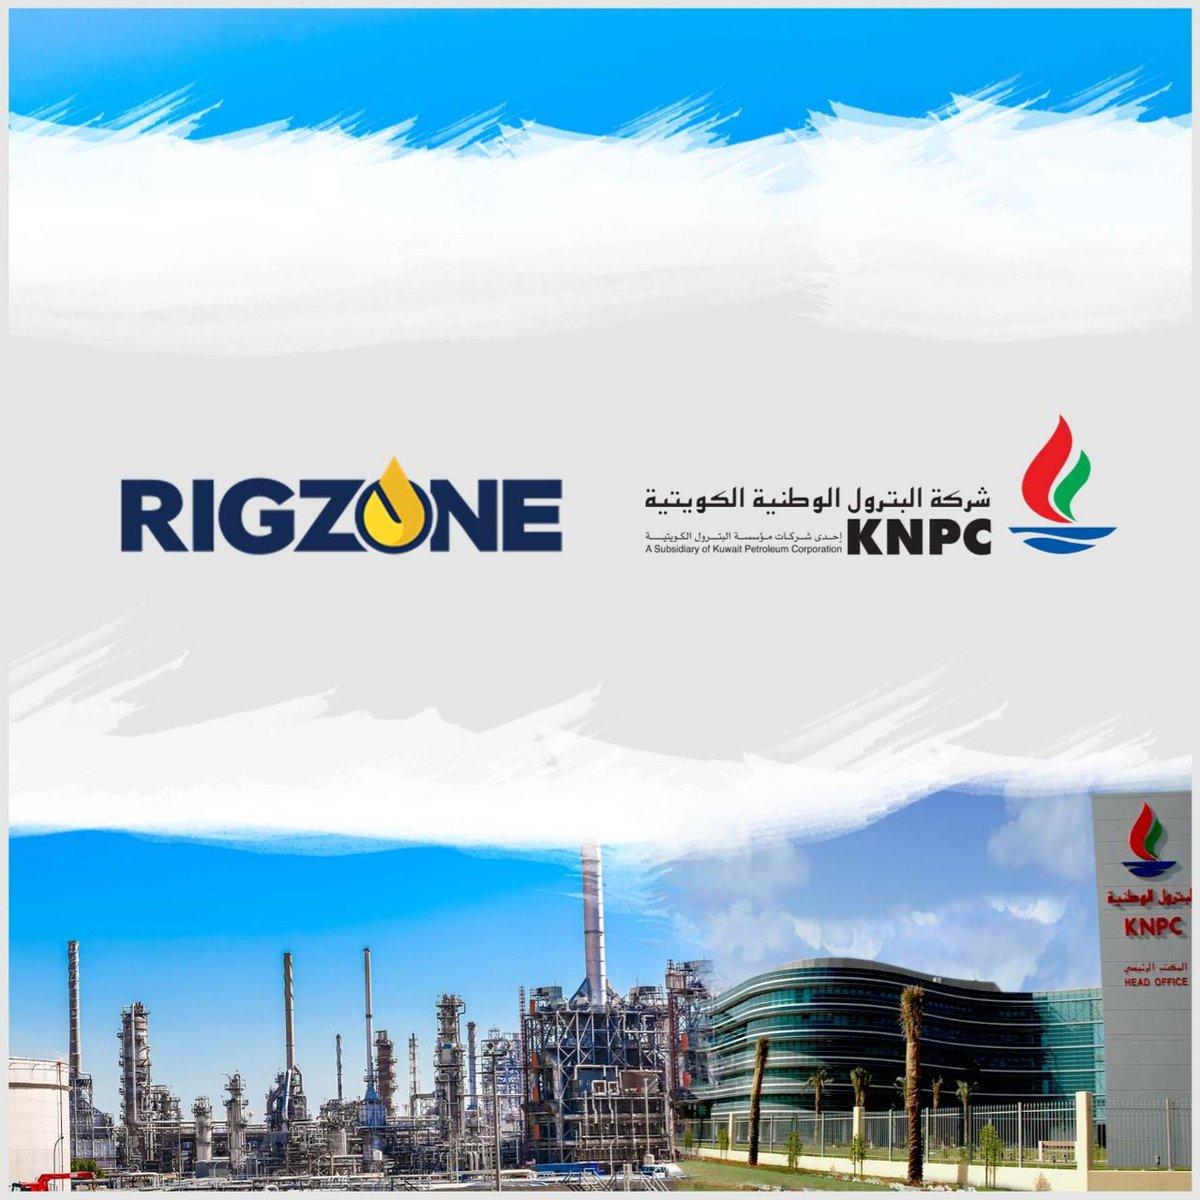 البترول الوطنية | KNPC on Twitter: